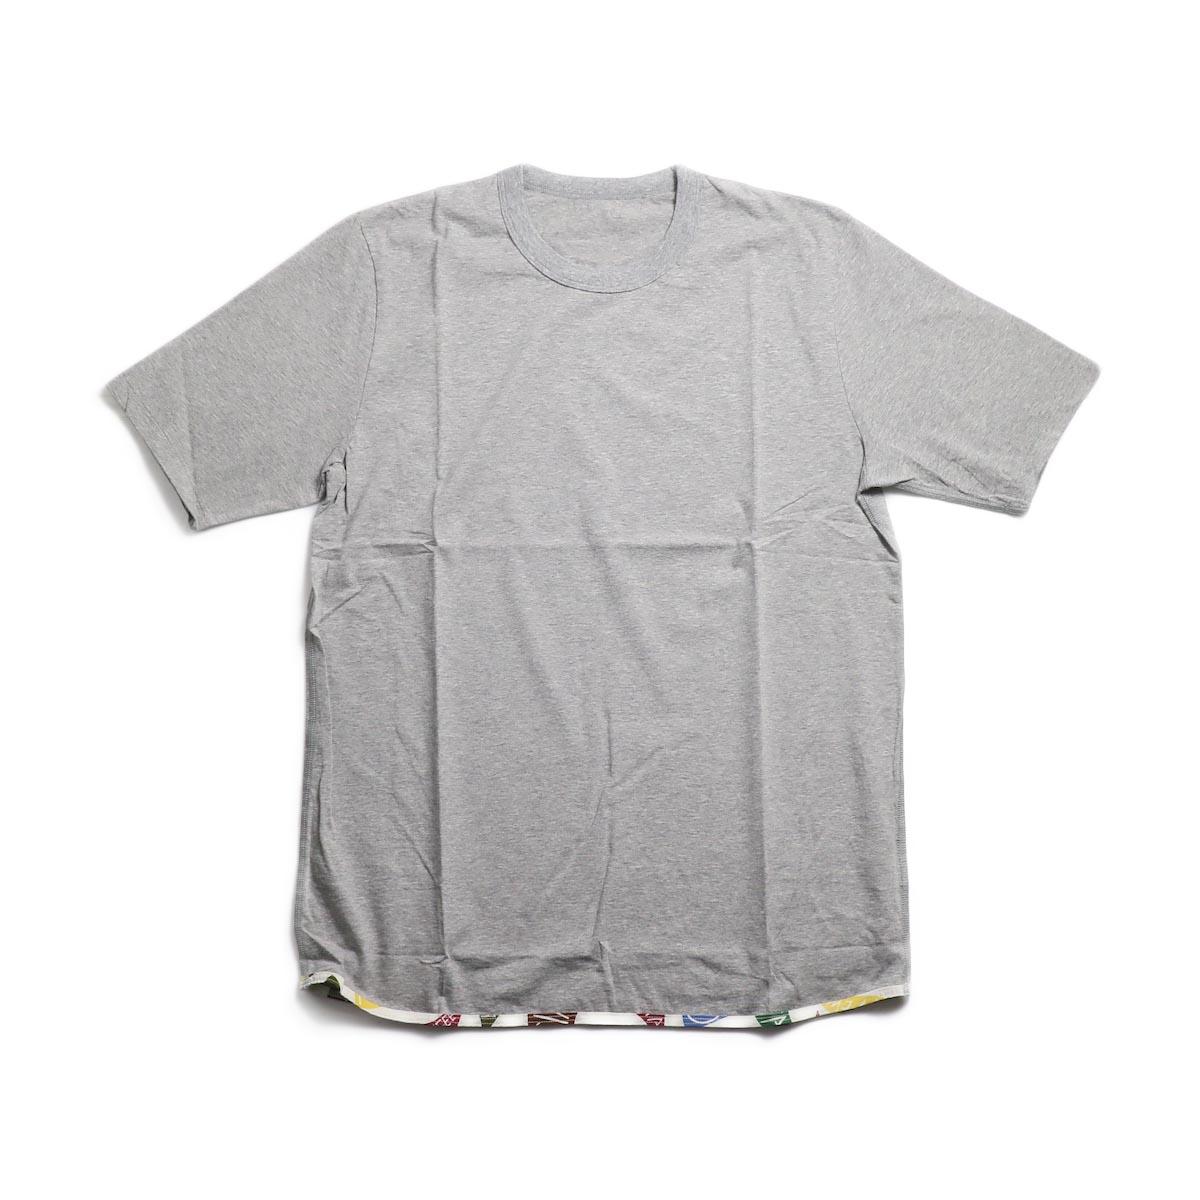 visvim / SUBLIG TEE S/S -Gray